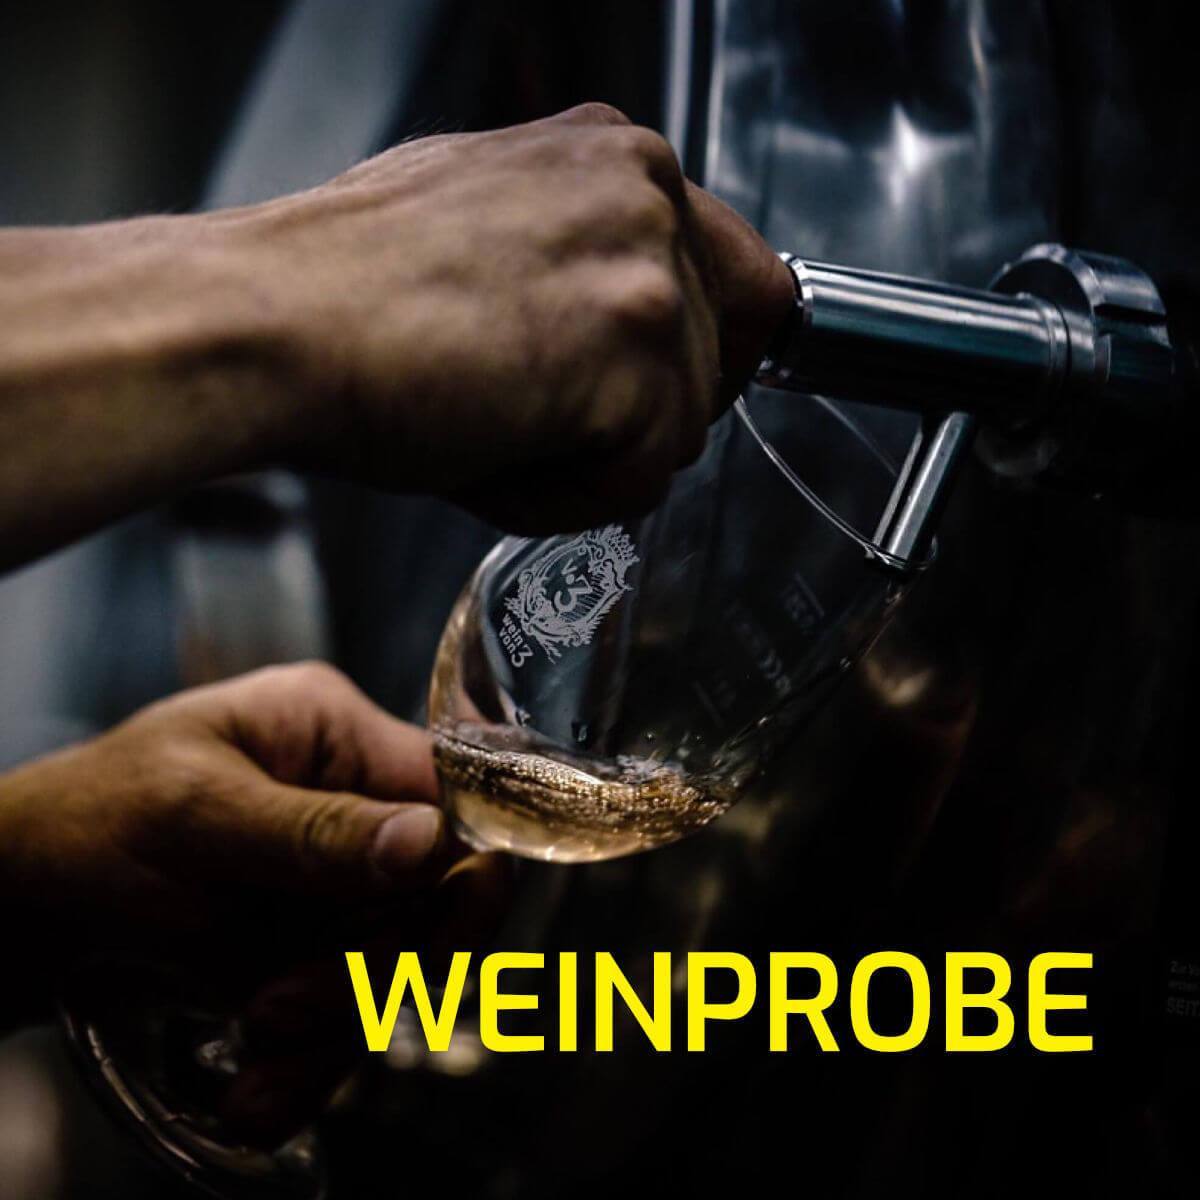 fränkisches Bioland Weingut auf Schloß Zeilitzheim in Franken in der Nähe von Würzburg_Wein von 3_Photographed by Selene adores_5